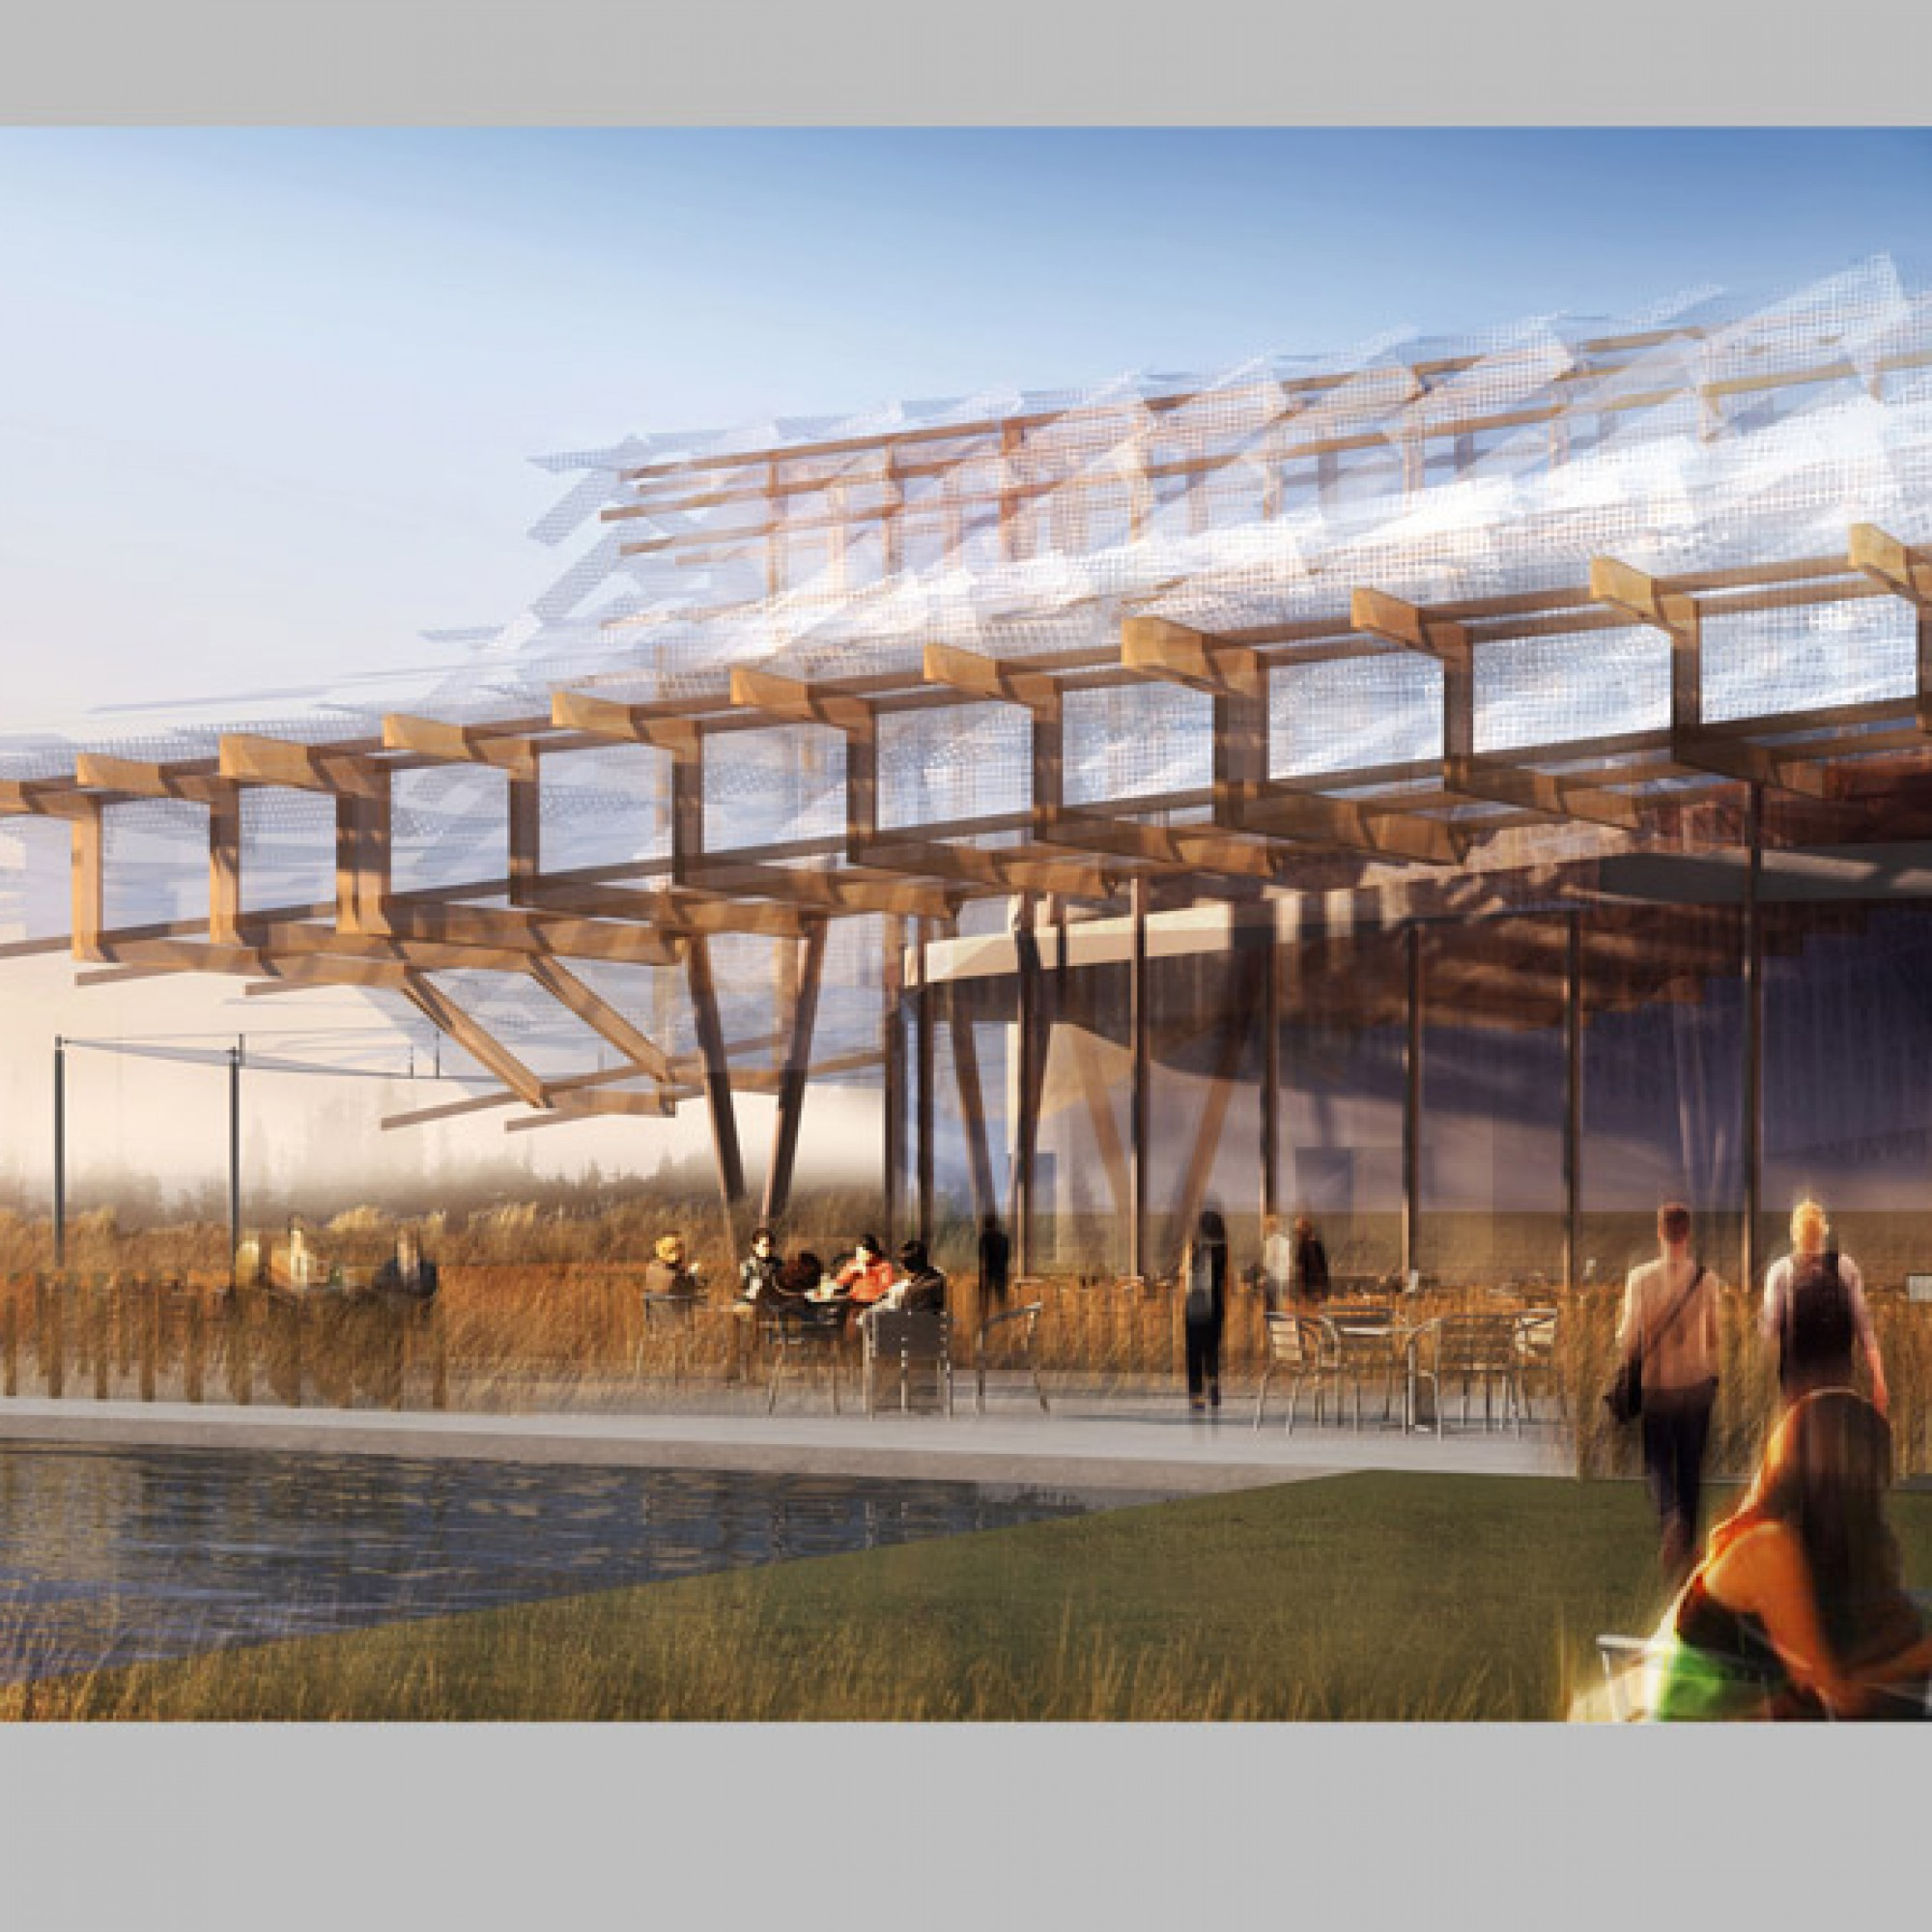 Die Dachkonstruktion soll an die traditionelle, chinesische Bauweise errinnern...  (Visualisierung zvg)